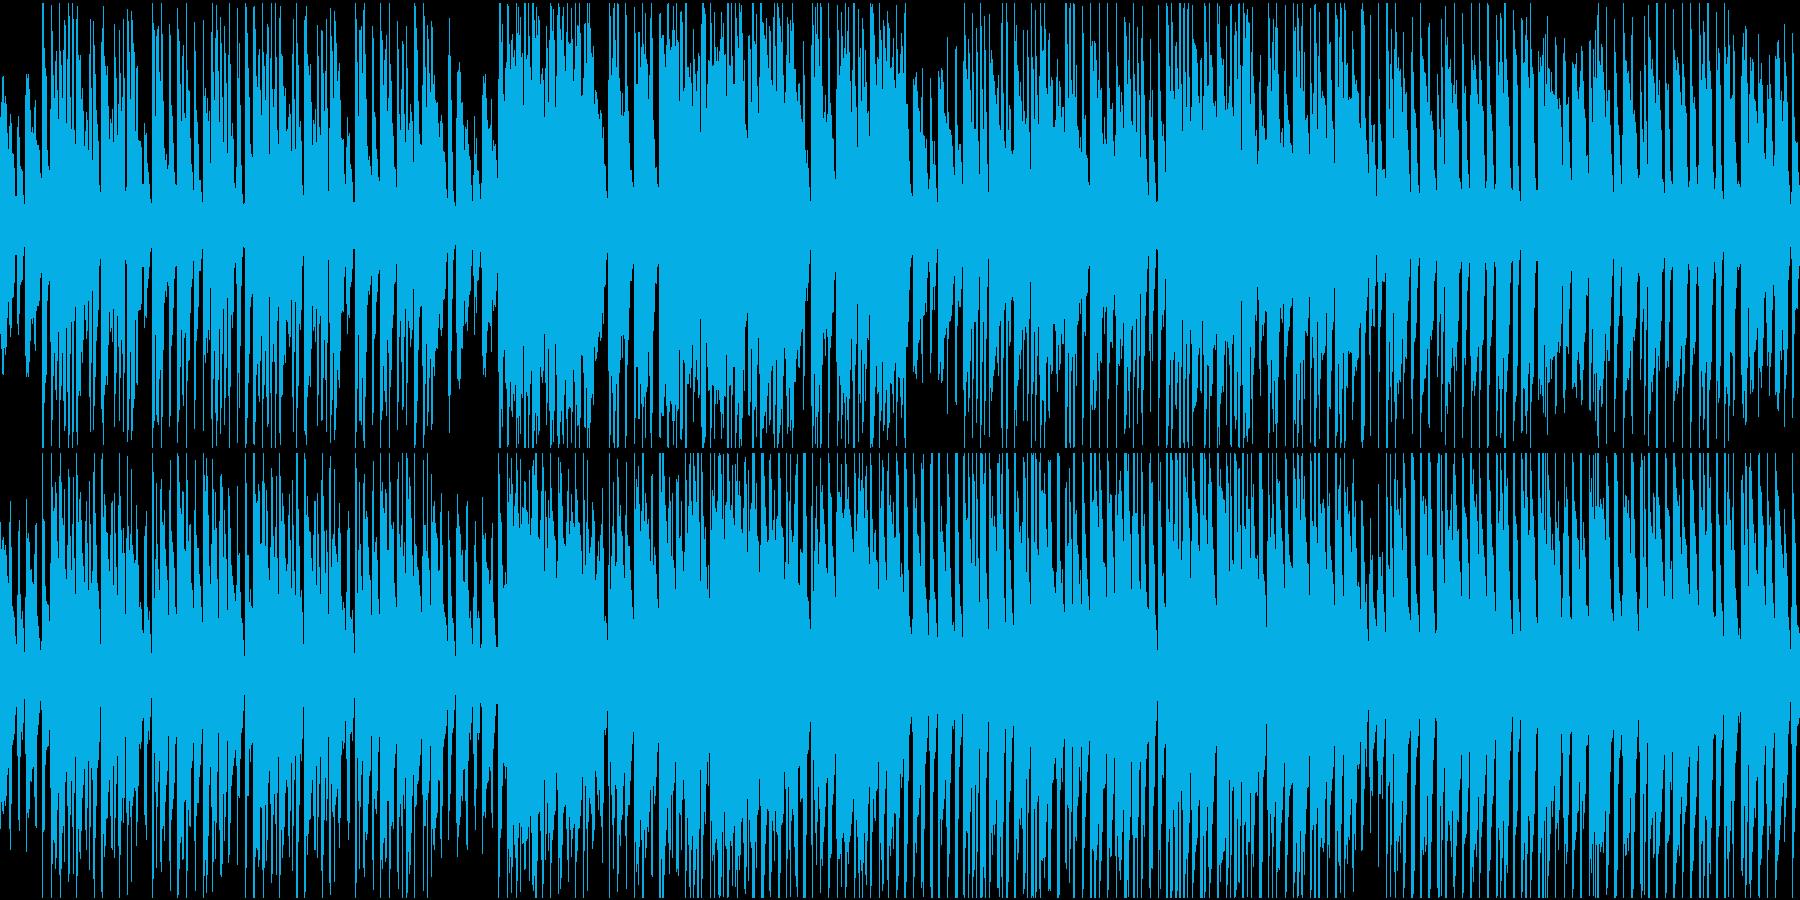 【ループ】街並みBGM/ゆったり・日常の再生済みの波形